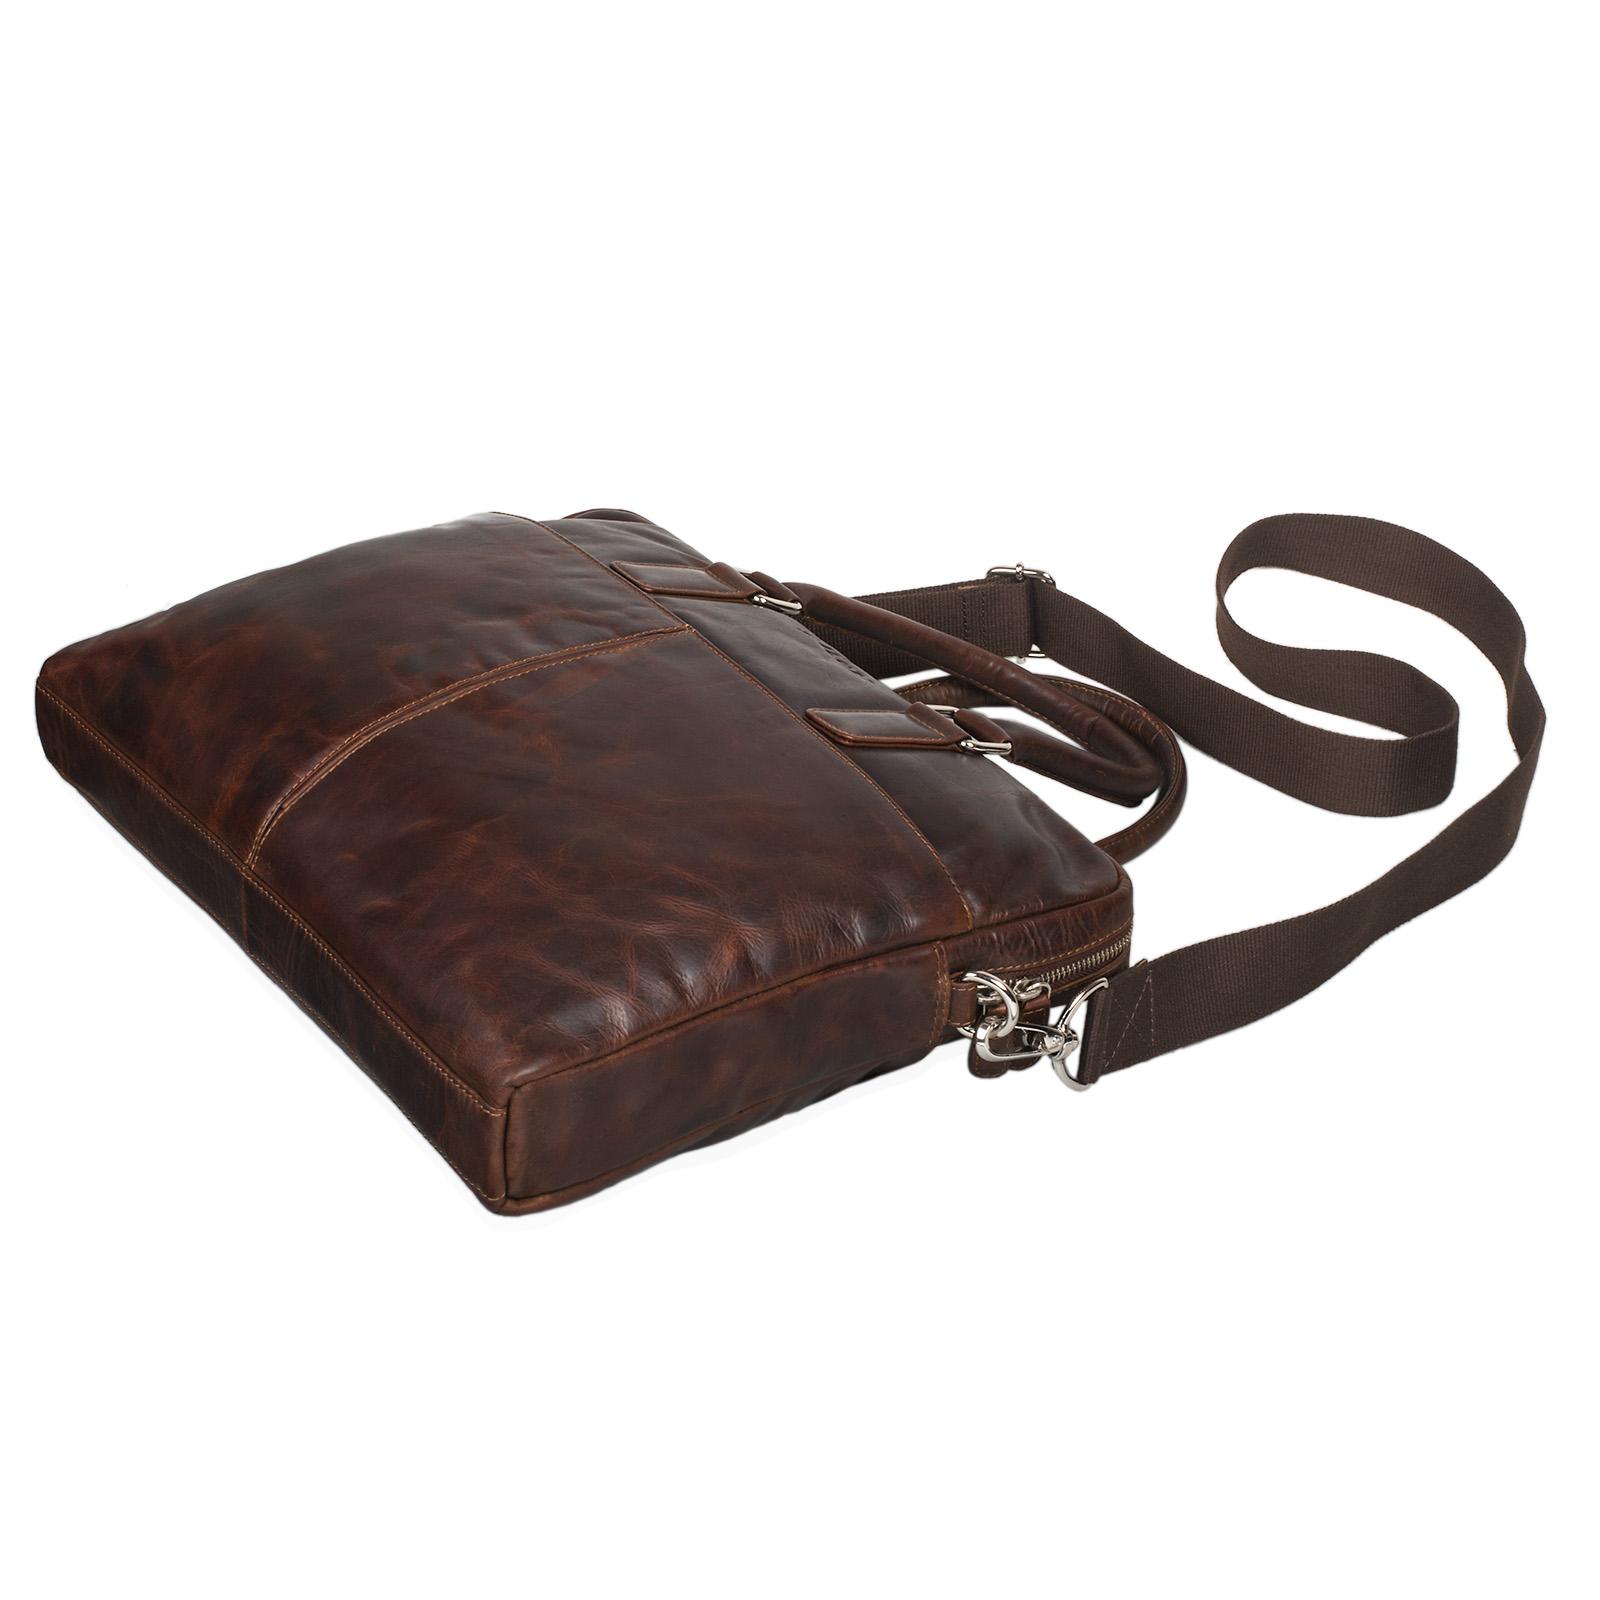 """STILORD """"Emilio"""" Umhängetasche Leder Vintage groß Schultertasche elegante Handtasche für Büro Business Arbeit Laptop 13.3 Zoll Aktentasche DIN A4 - Bild 19"""